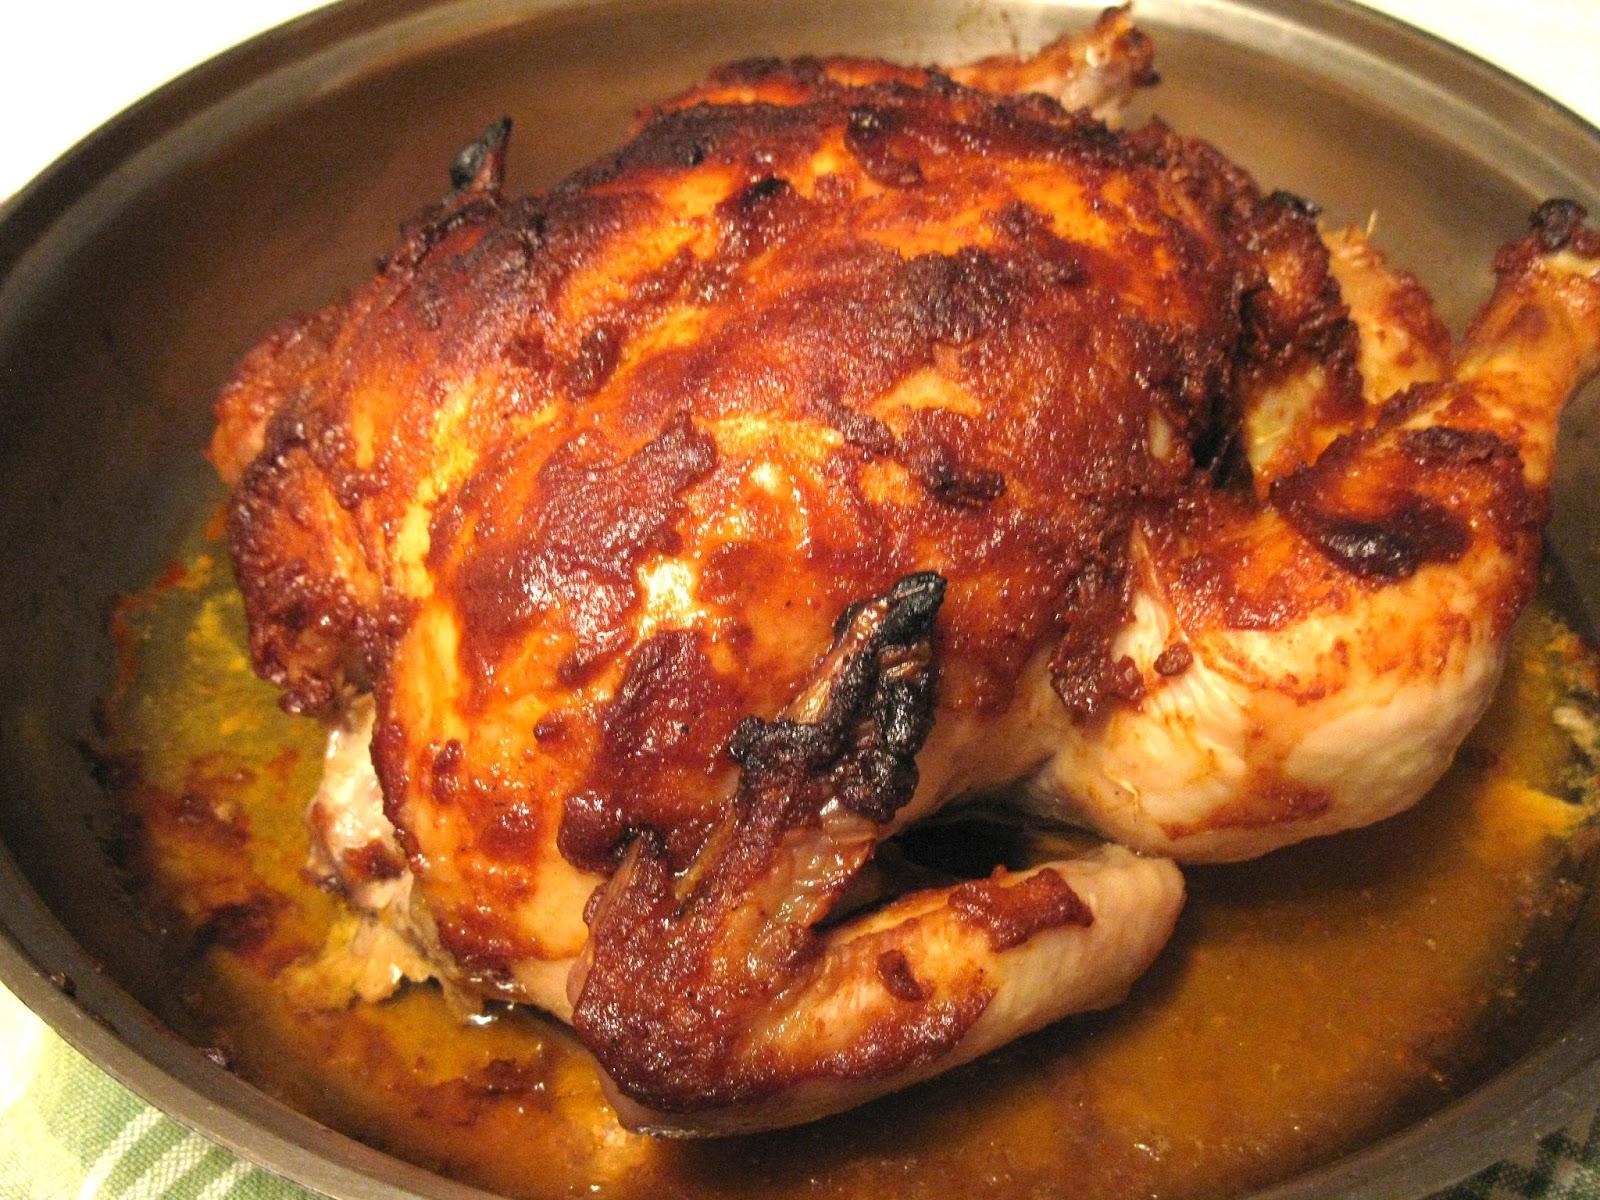 Ma cuisine sans pr tention poulet r ti au four - Cuisse de poulet grille au four ...